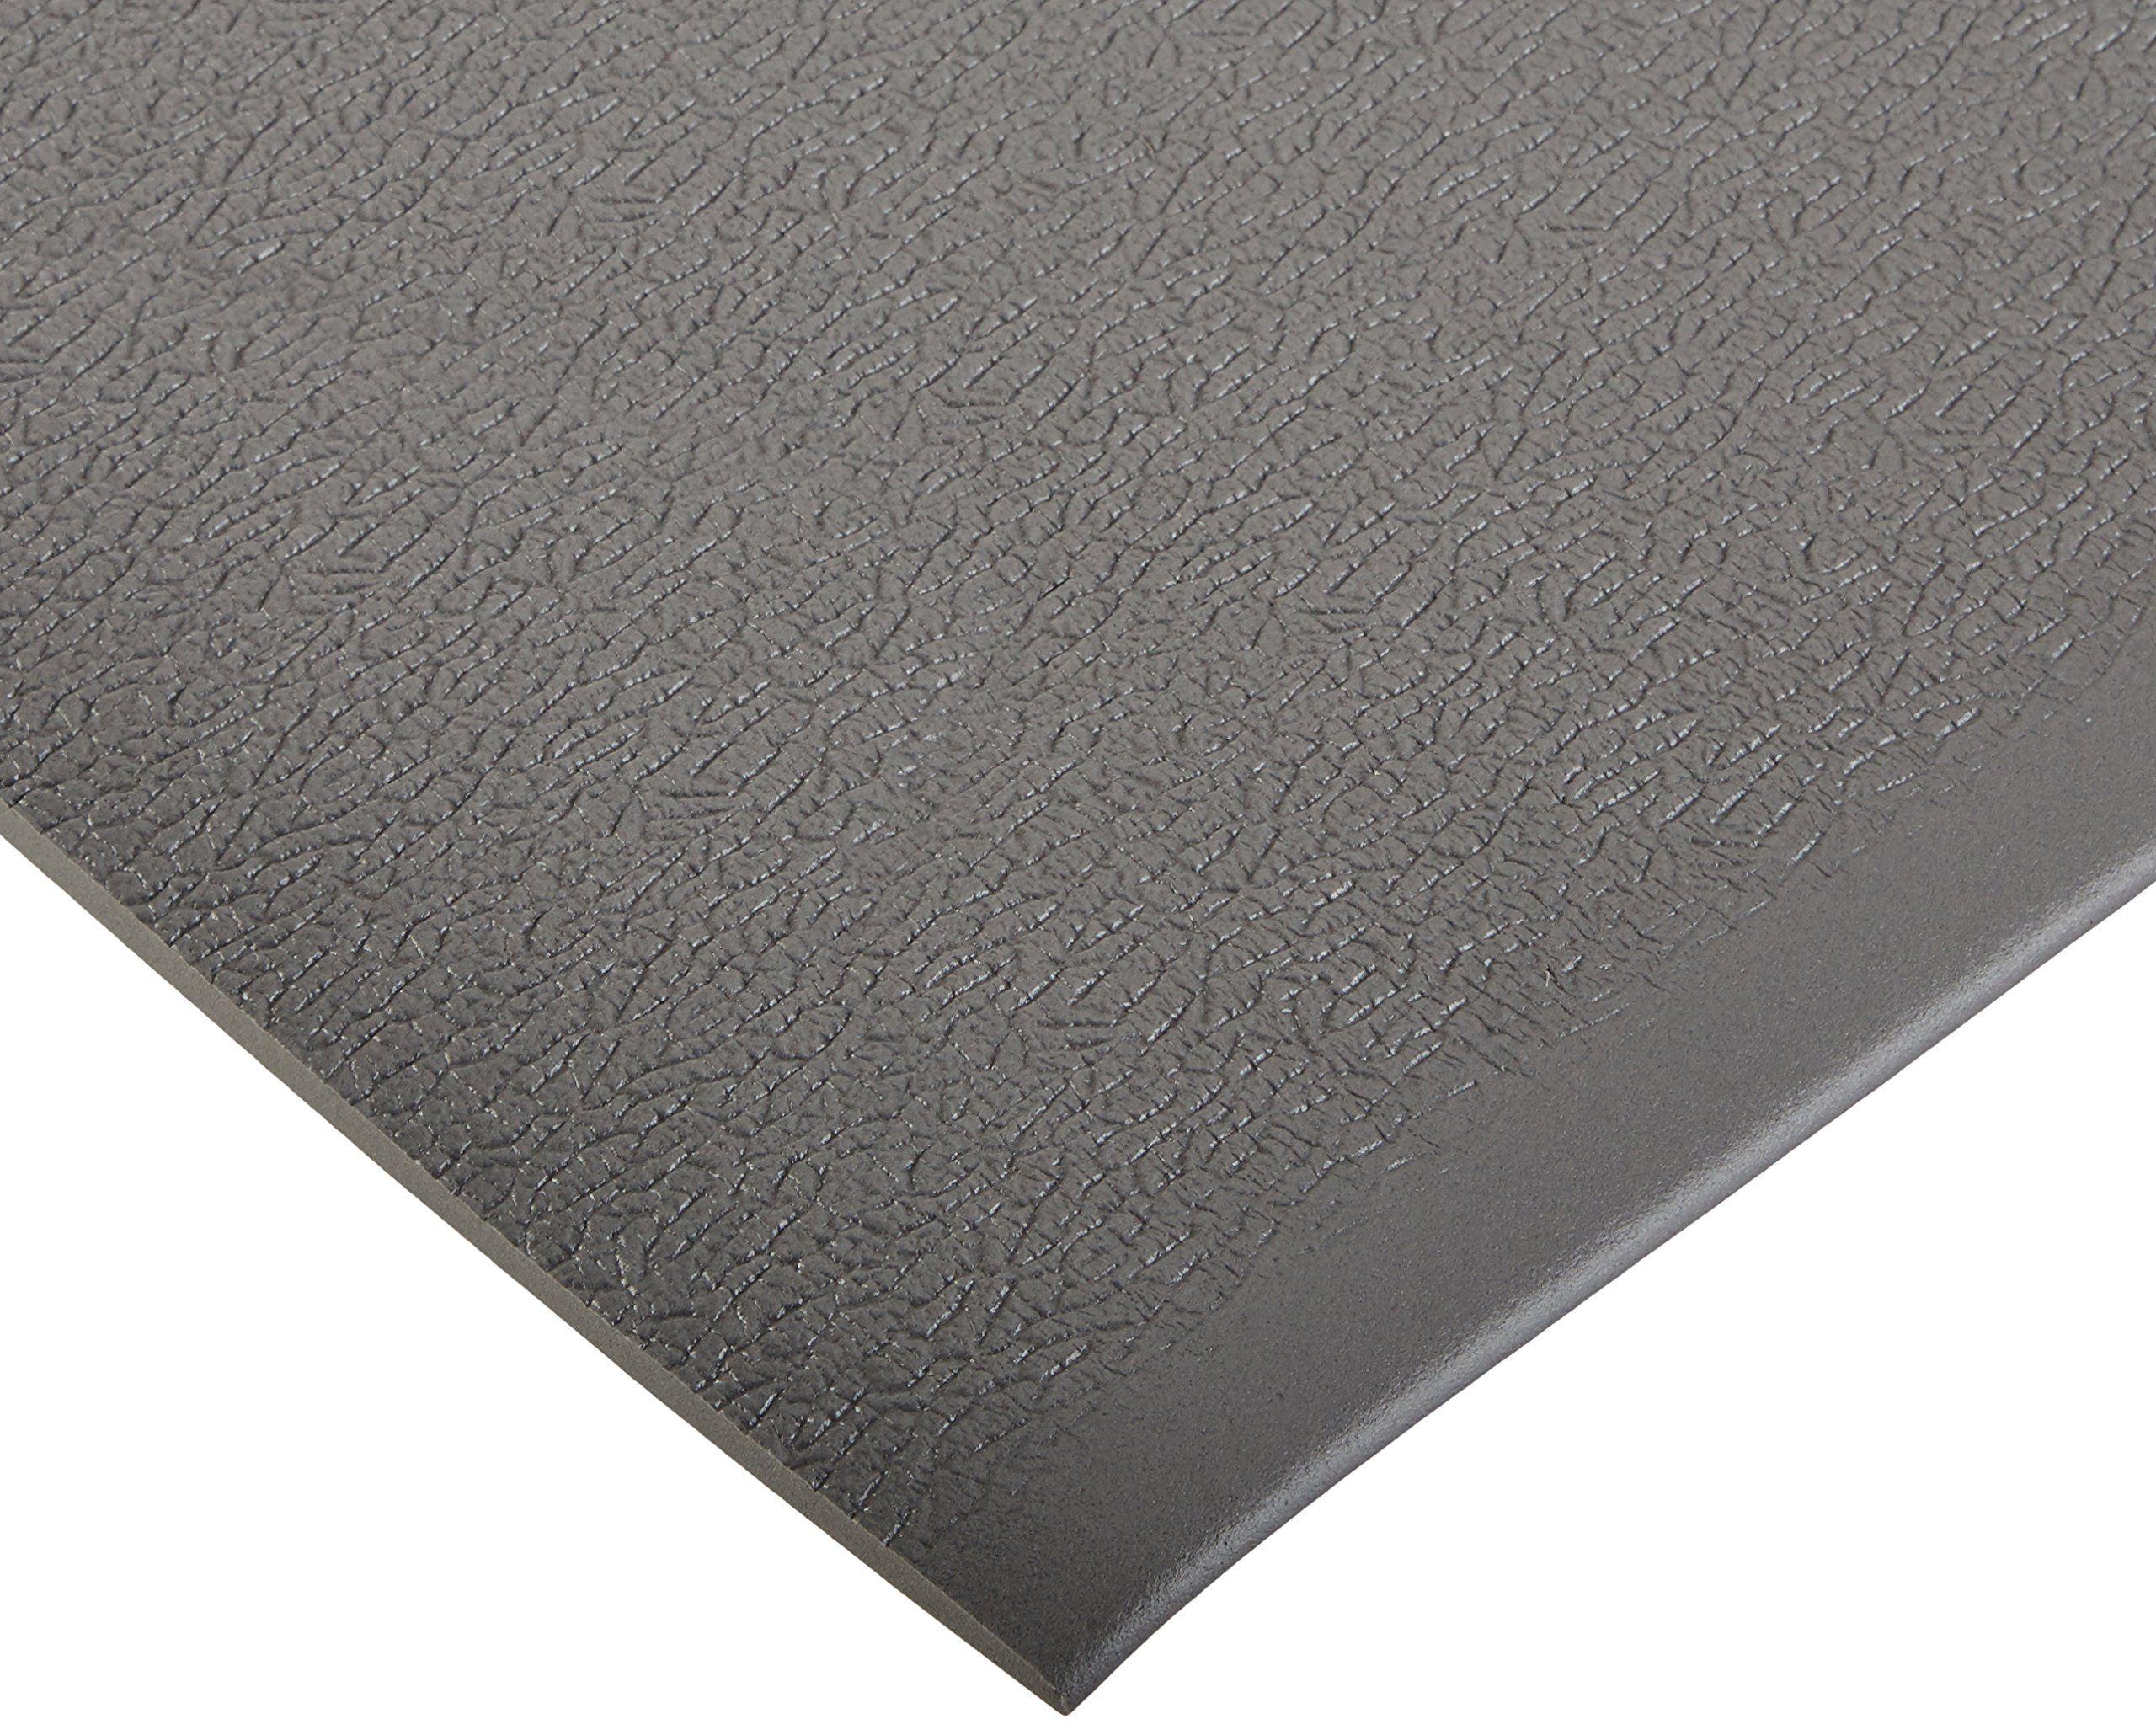 """3/' Wide x 10/' Long x 0.375/"""" Thick Gray Bertech ESD Anti Fatigue Floor Mat Roll"""